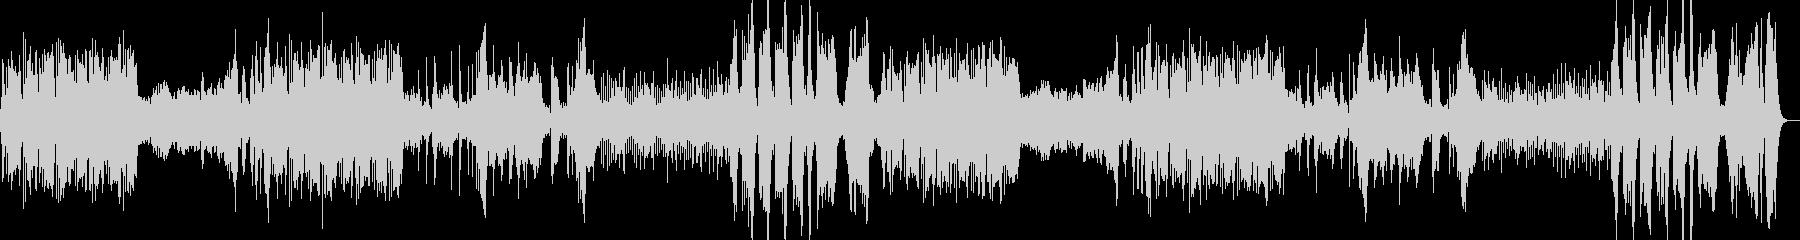 古典クラシックを意識した壮大な交響曲の未再生の波形